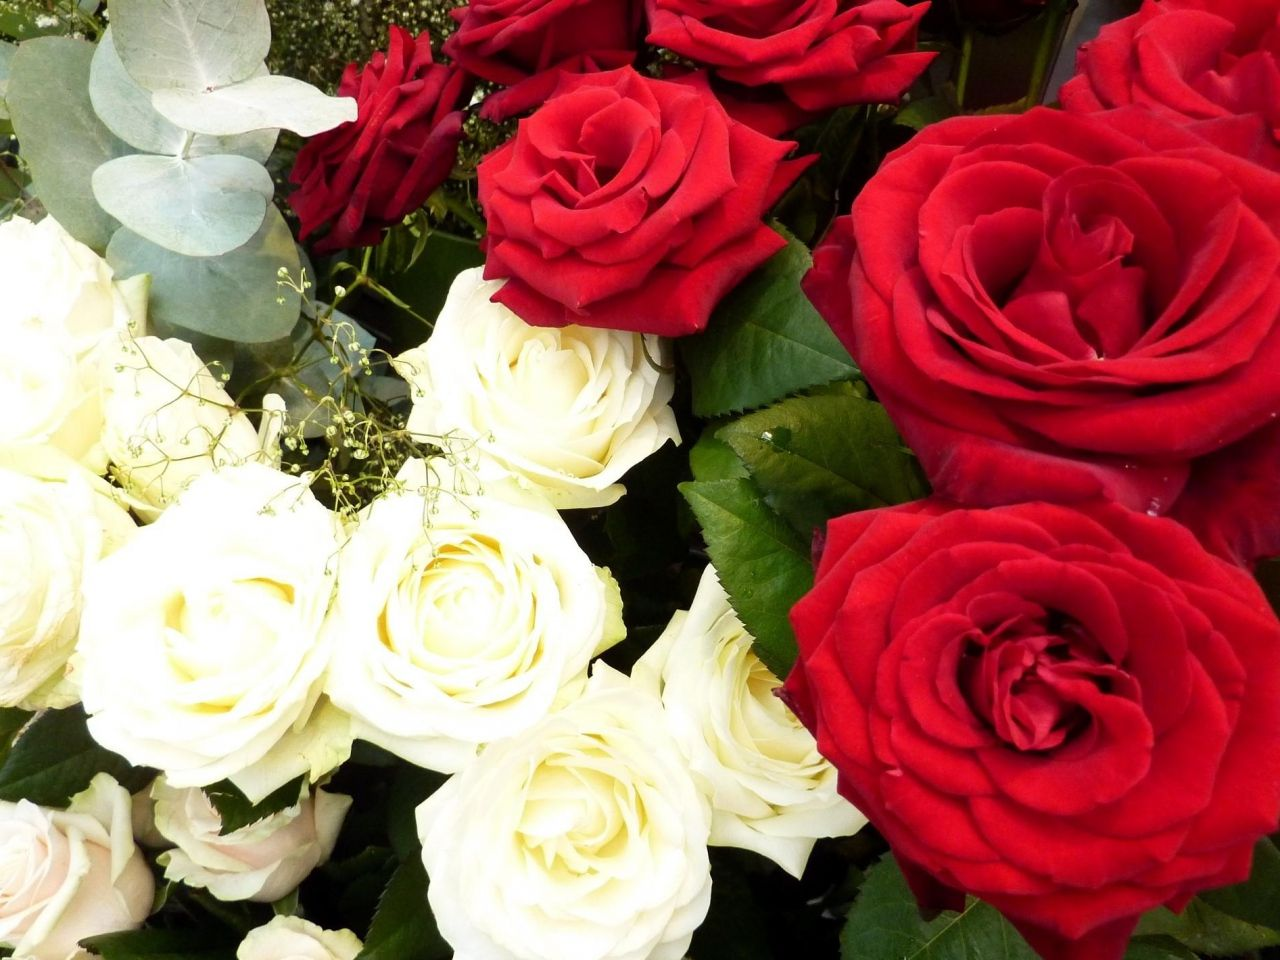 Fleurs Roses Images Fonds D Ecran Vecteur Rouge Fond Blanc Materiau De Gypsophile Fleursordinateur Telephone Cellulaire Fonds Fond Ecran Fond Blanc Fleurs